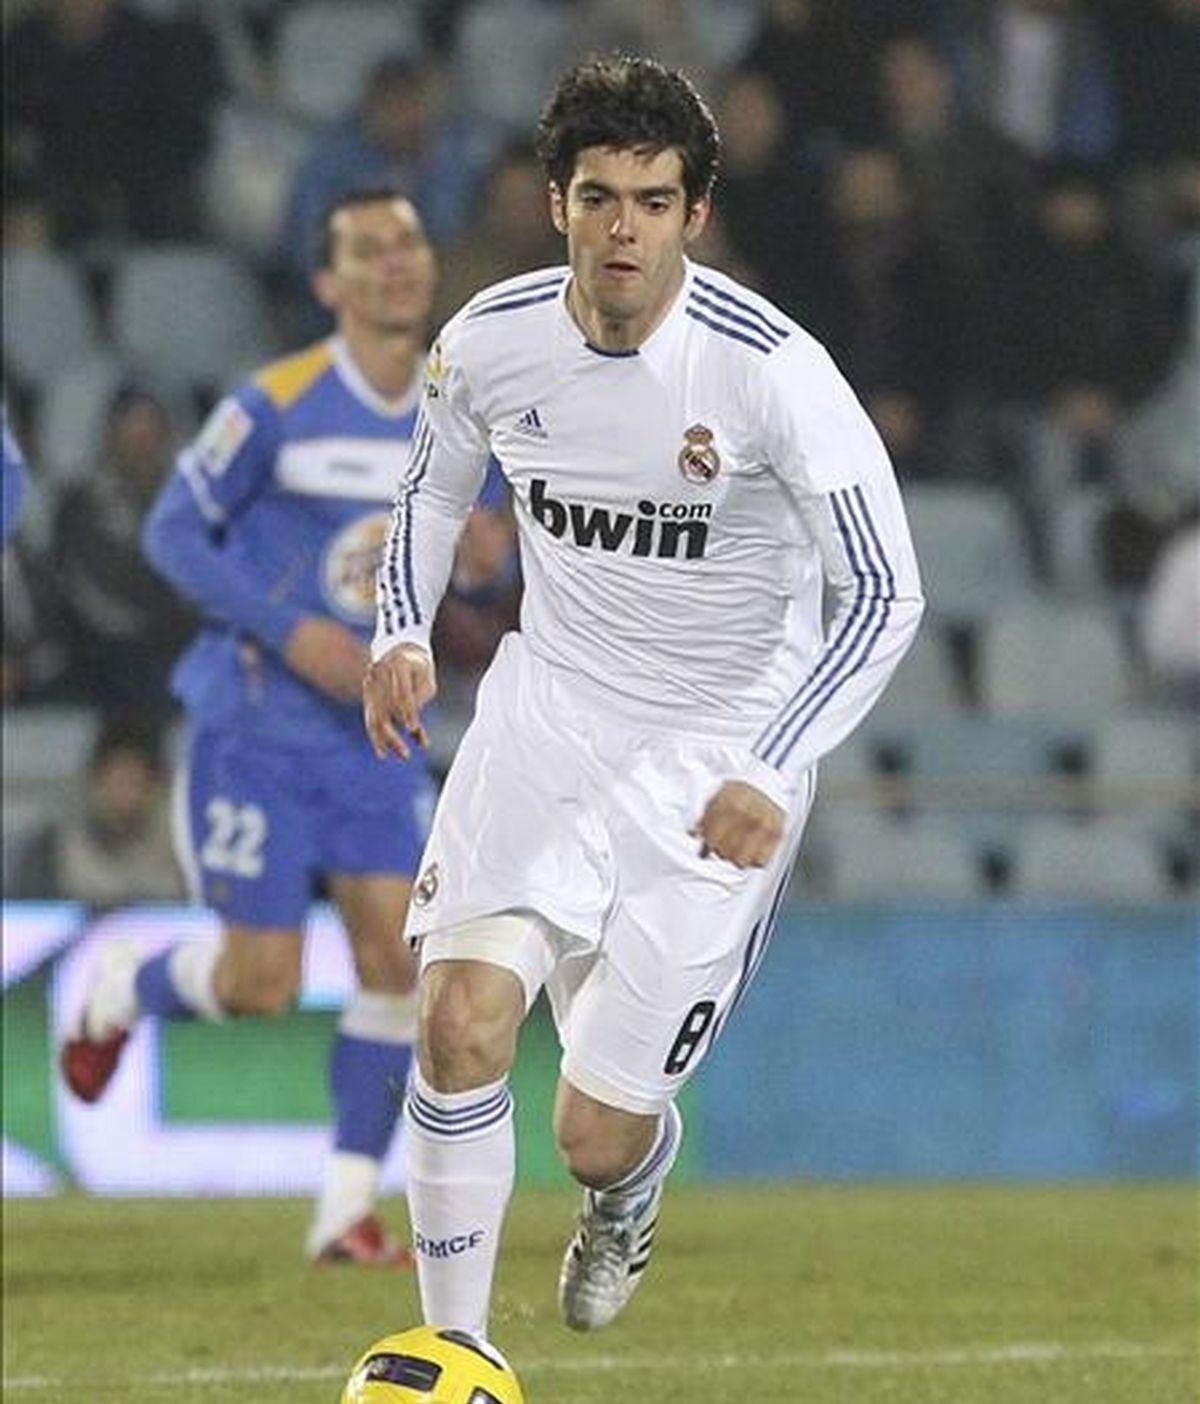 El centrocampista del Real Madrid Ricardo Dos Santos 'Kaká'. EFE